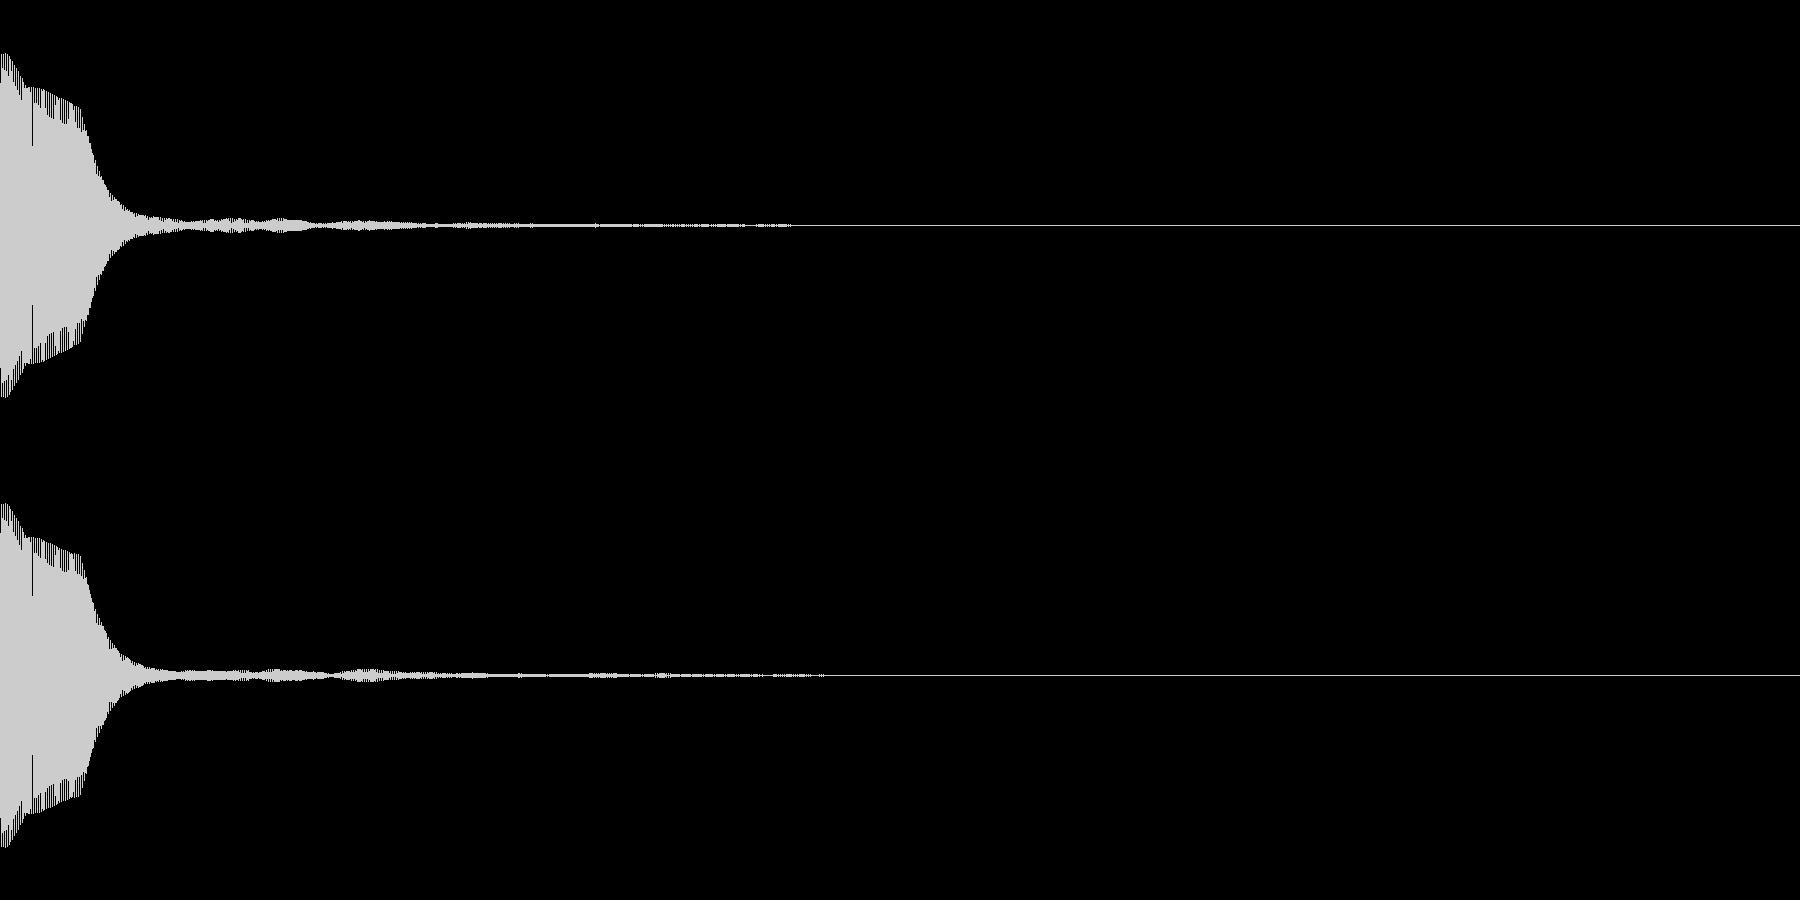 キャンセル・選択ボタン001 シンセの未再生の波形